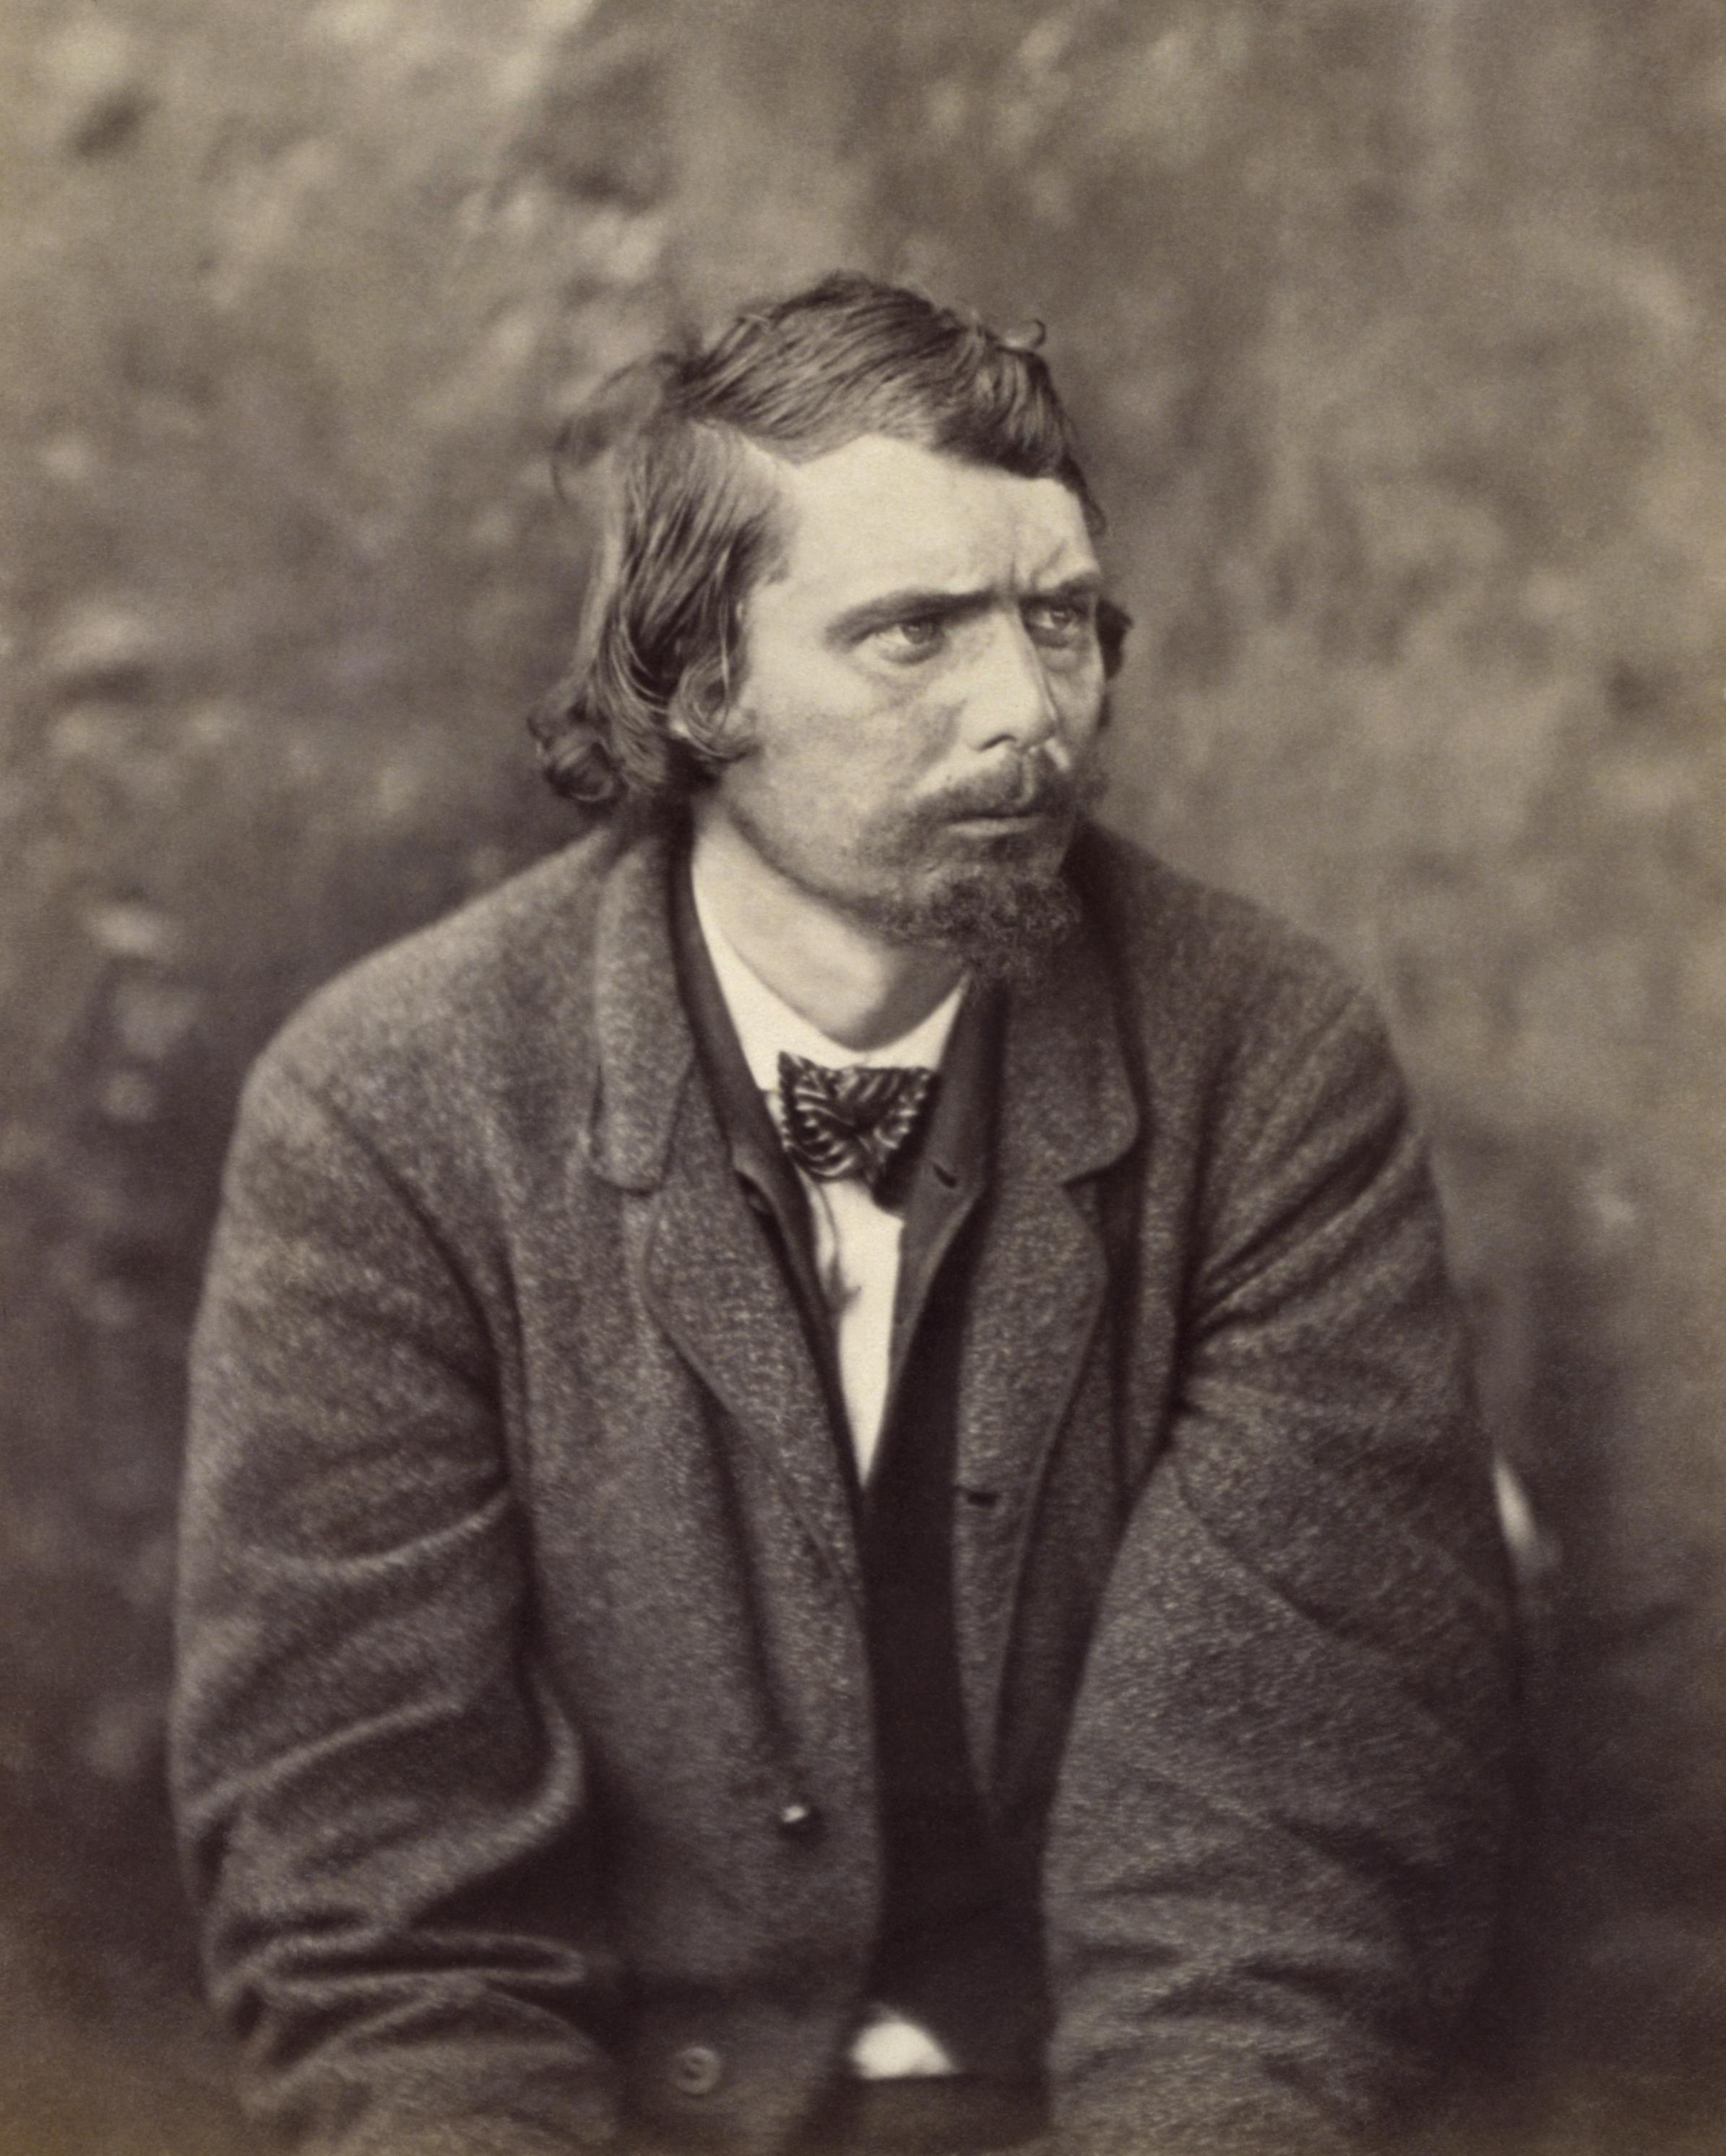 George Andrew Atzerodt